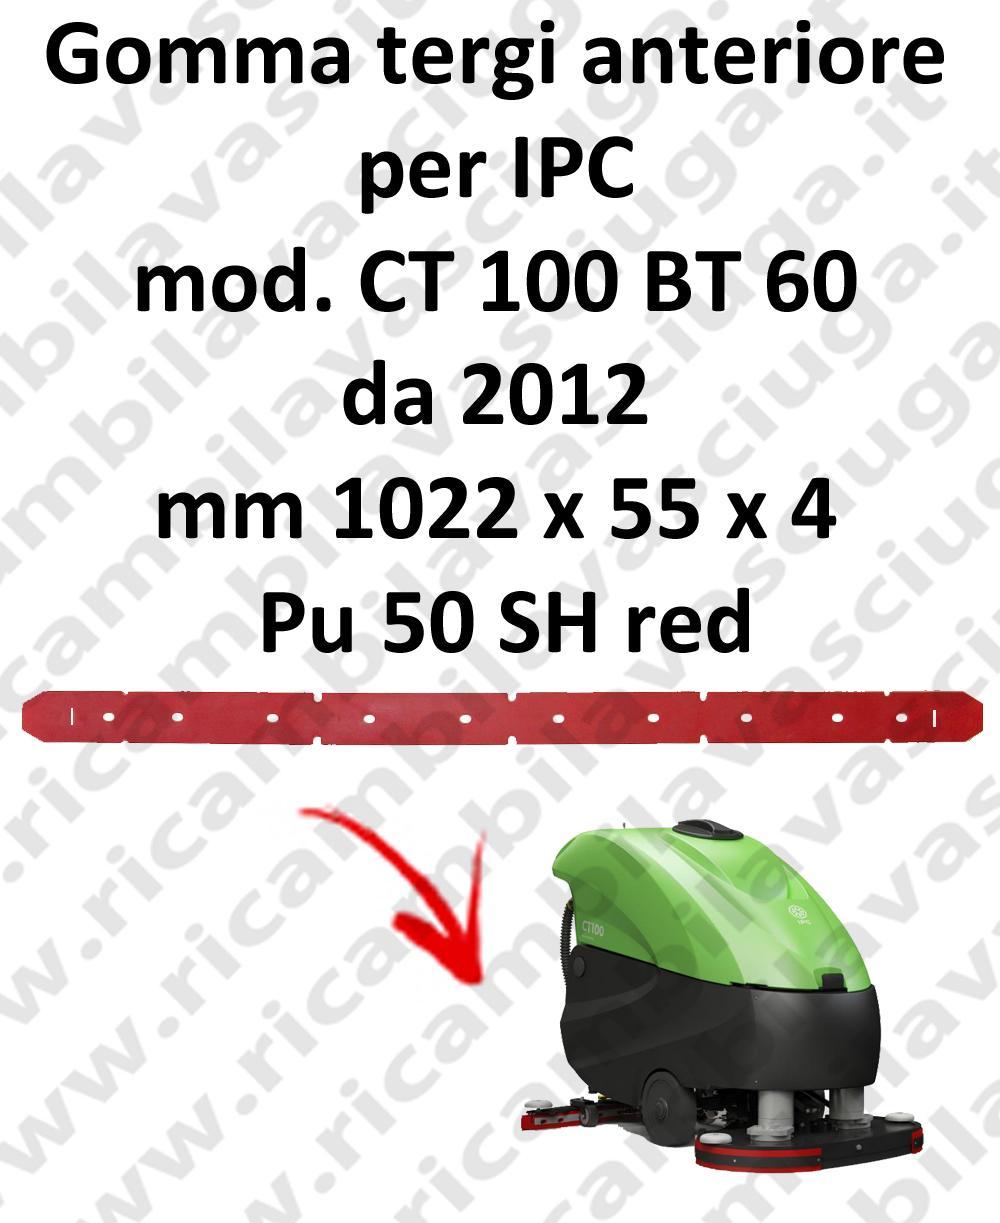 CT 100 BT 60 a partir de 2012 BAVETTE AVANT pour IPC